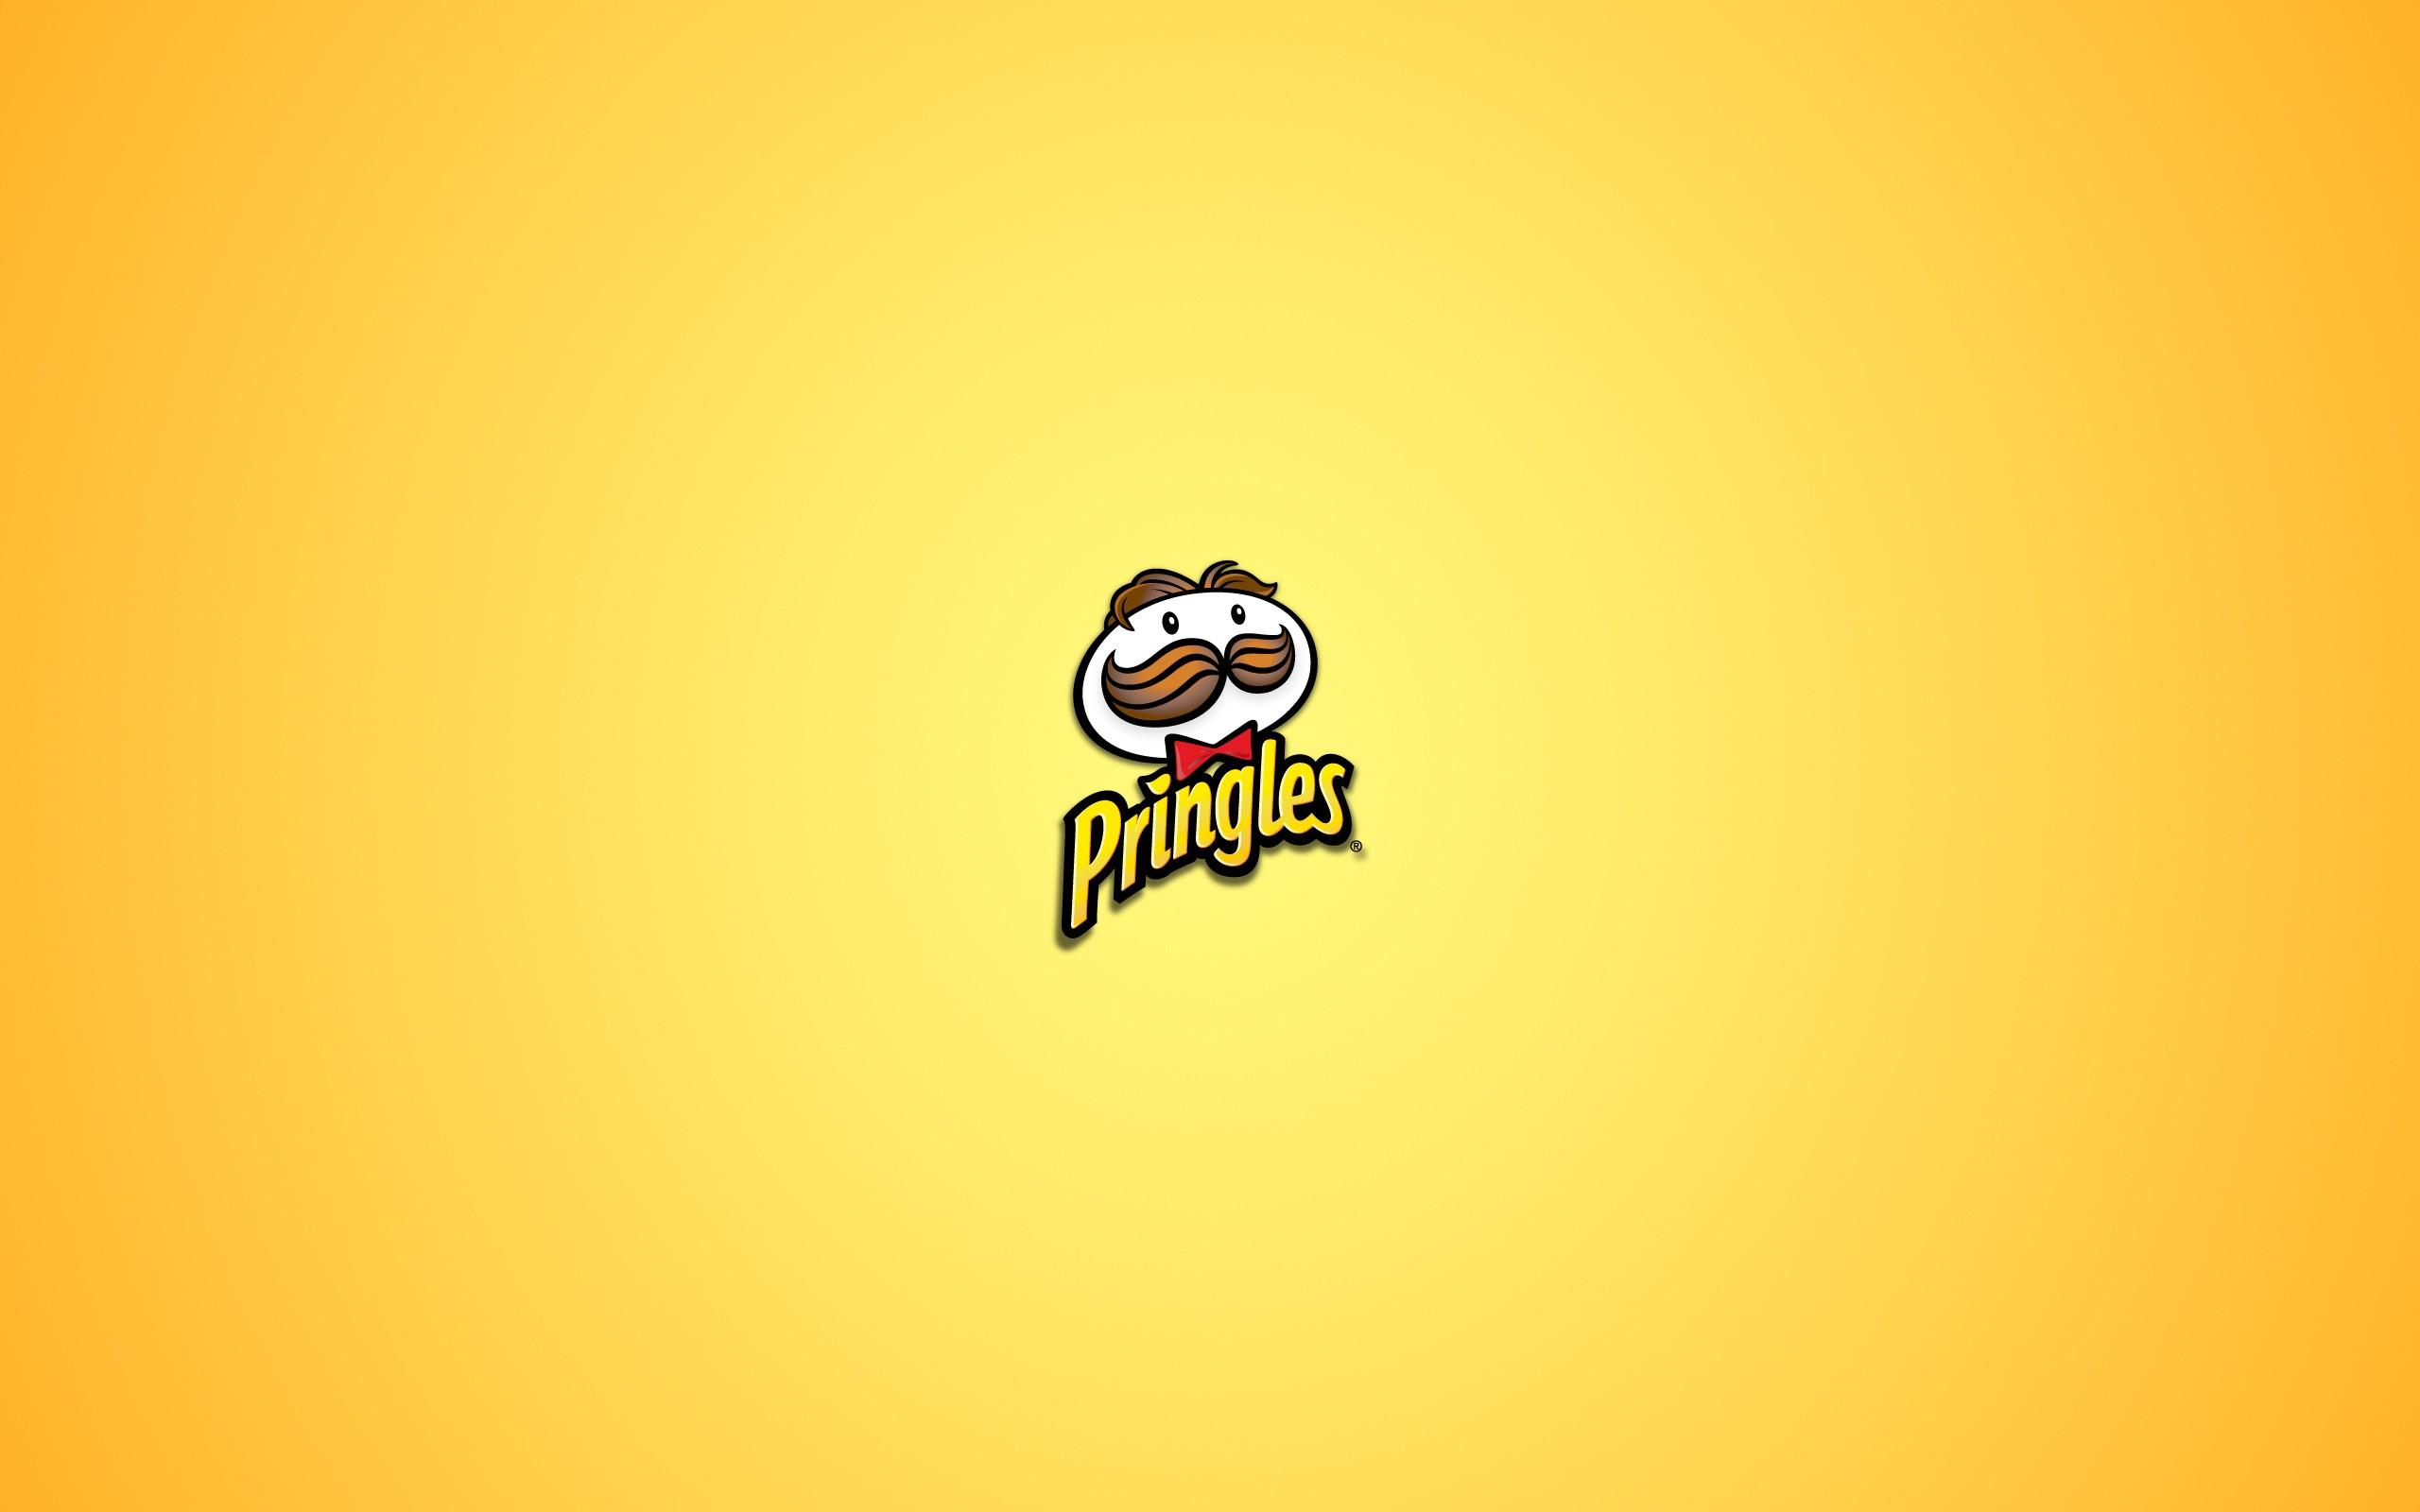 Minimalistic food pringles wallpaper 2560x1600 14107 WallpaperUP 2560x1600